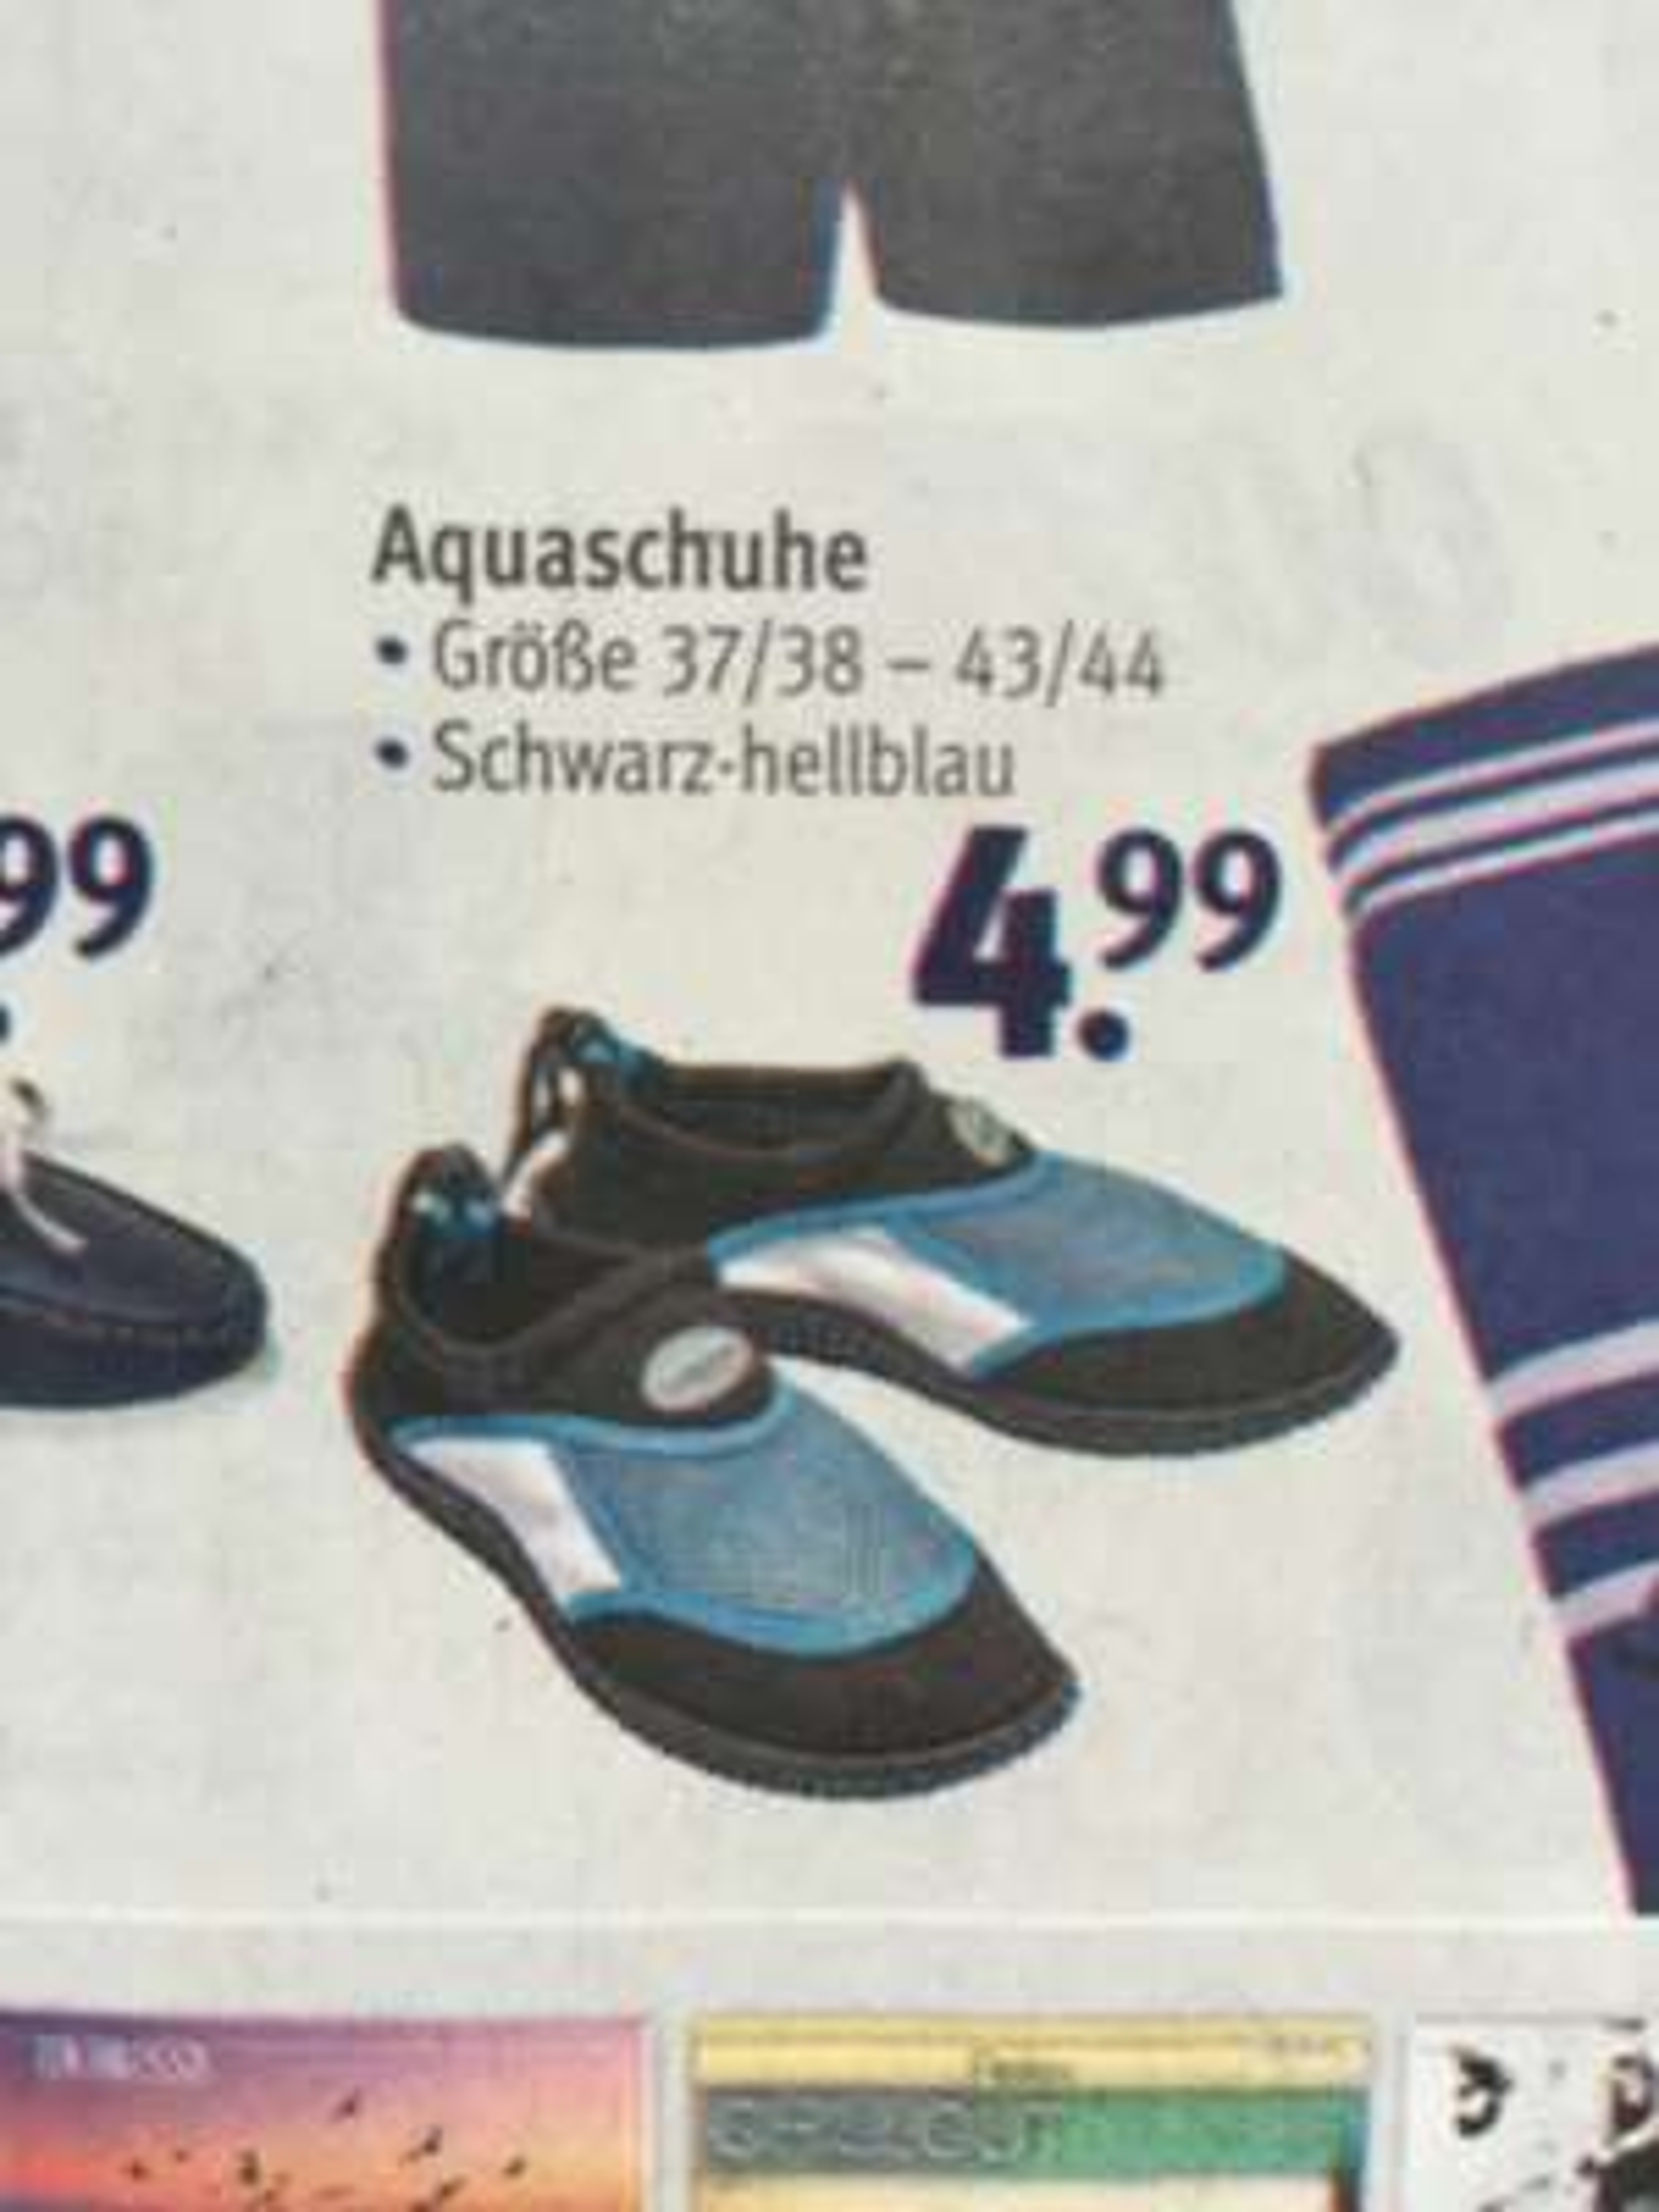 [Rossmann] Aquaschuhe ab Gr. 37 für 4,99 Euro, mit 10% Coupon für 4,49 Euro!